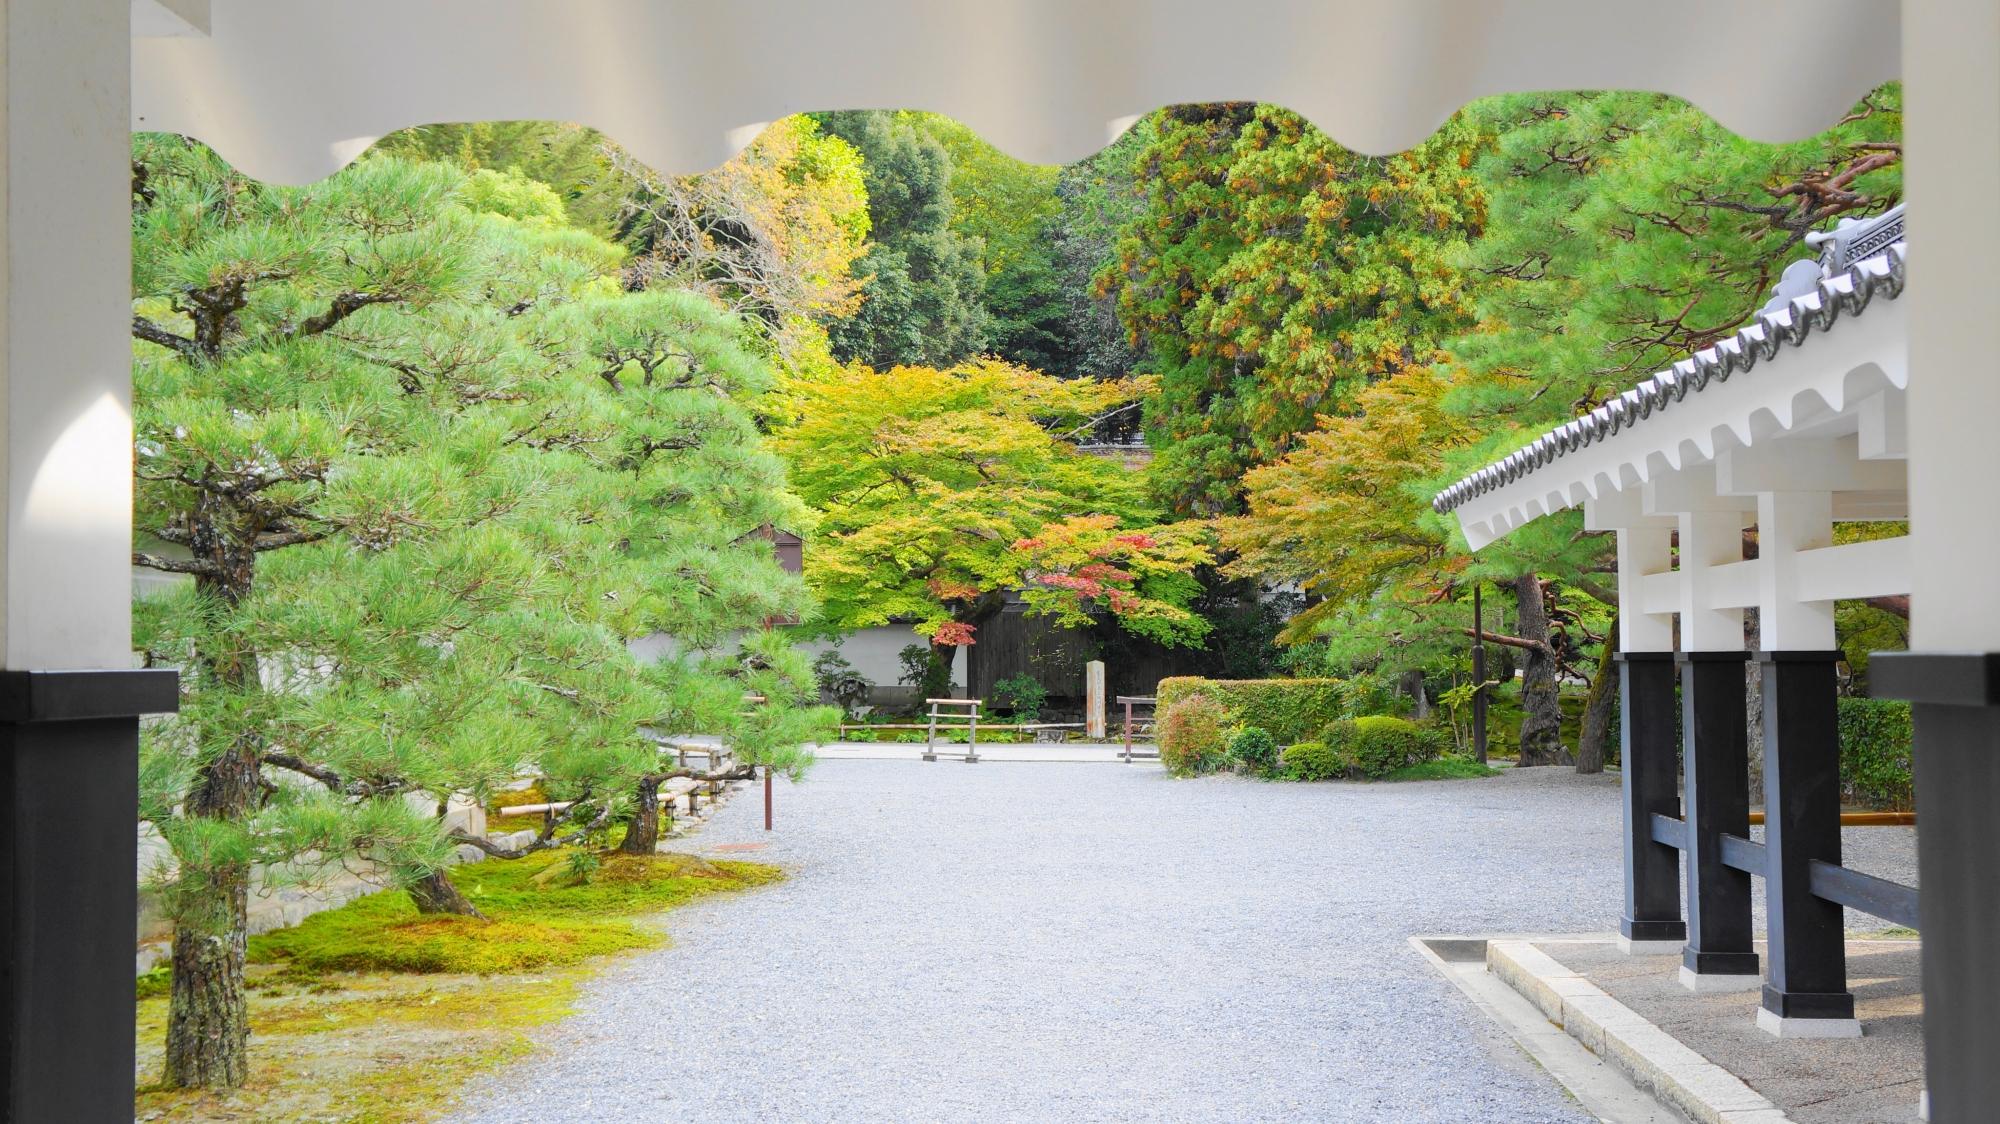 南禅寺の法堂~方丈の回廊と美しい青もみじ 2012年11月